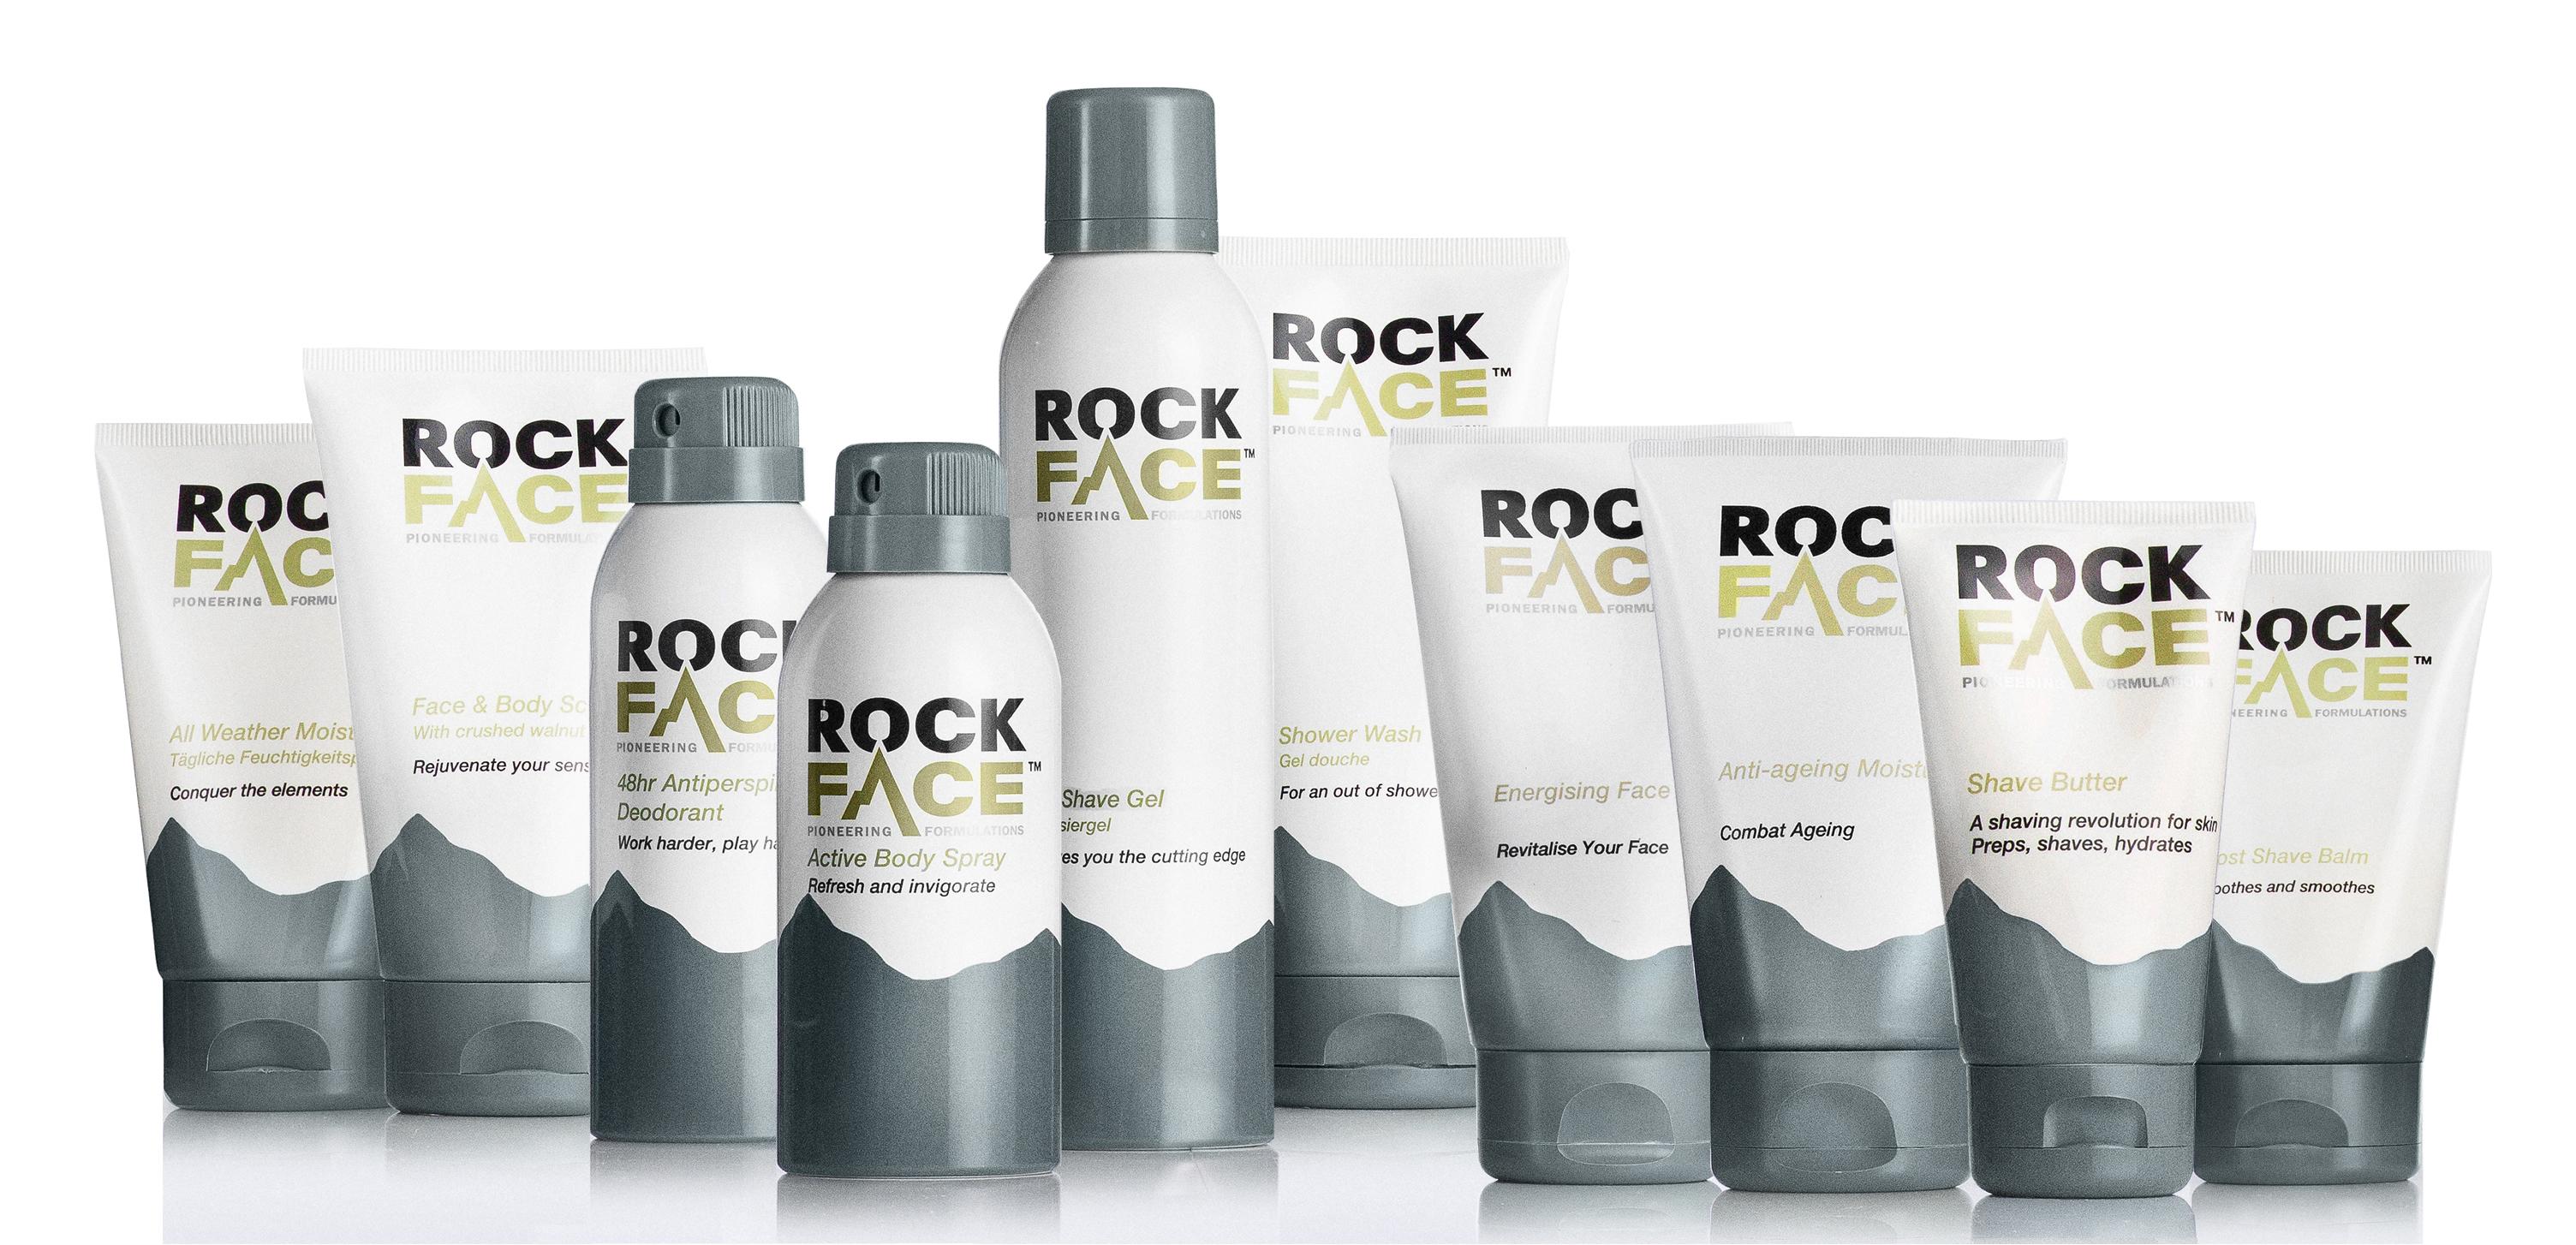 Rockface range shot